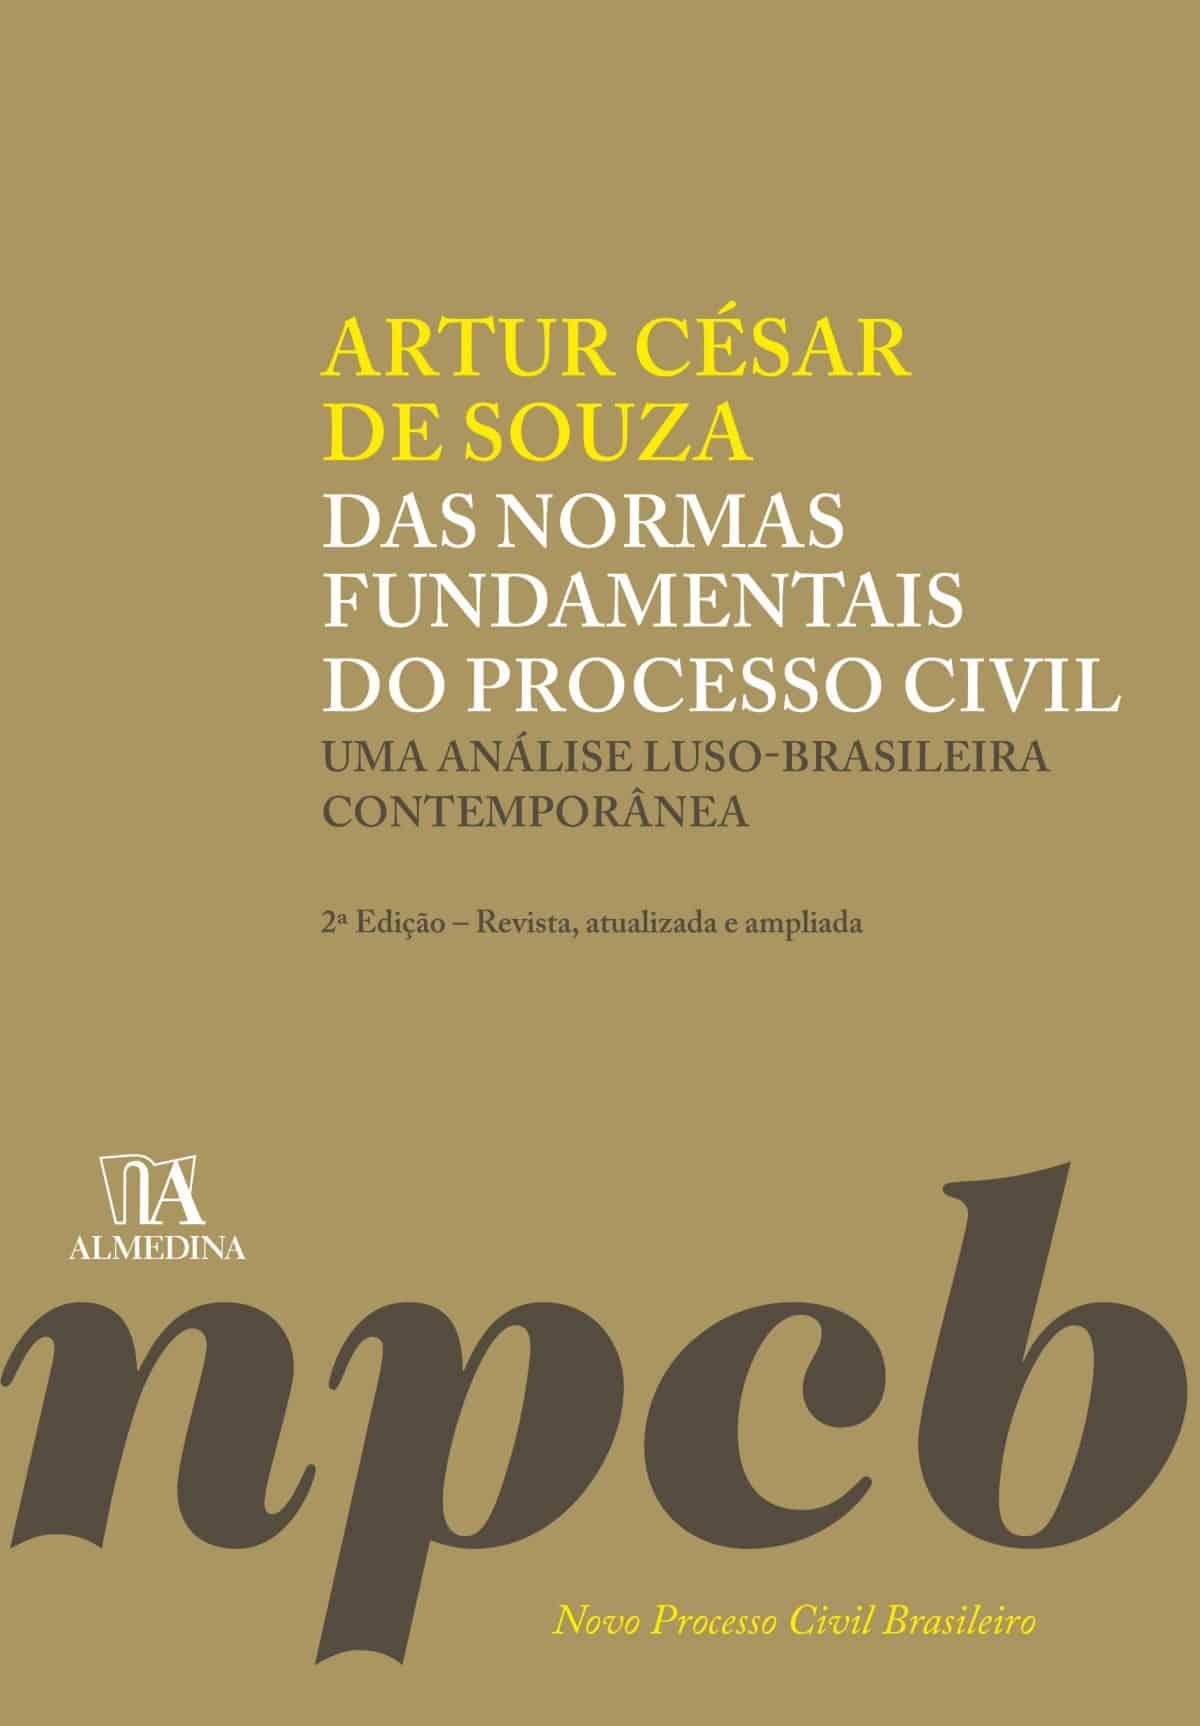 Foto 1 - Das Normas Fundamentais do Processo Civil - Uma análise luso-brasileira contemporânea